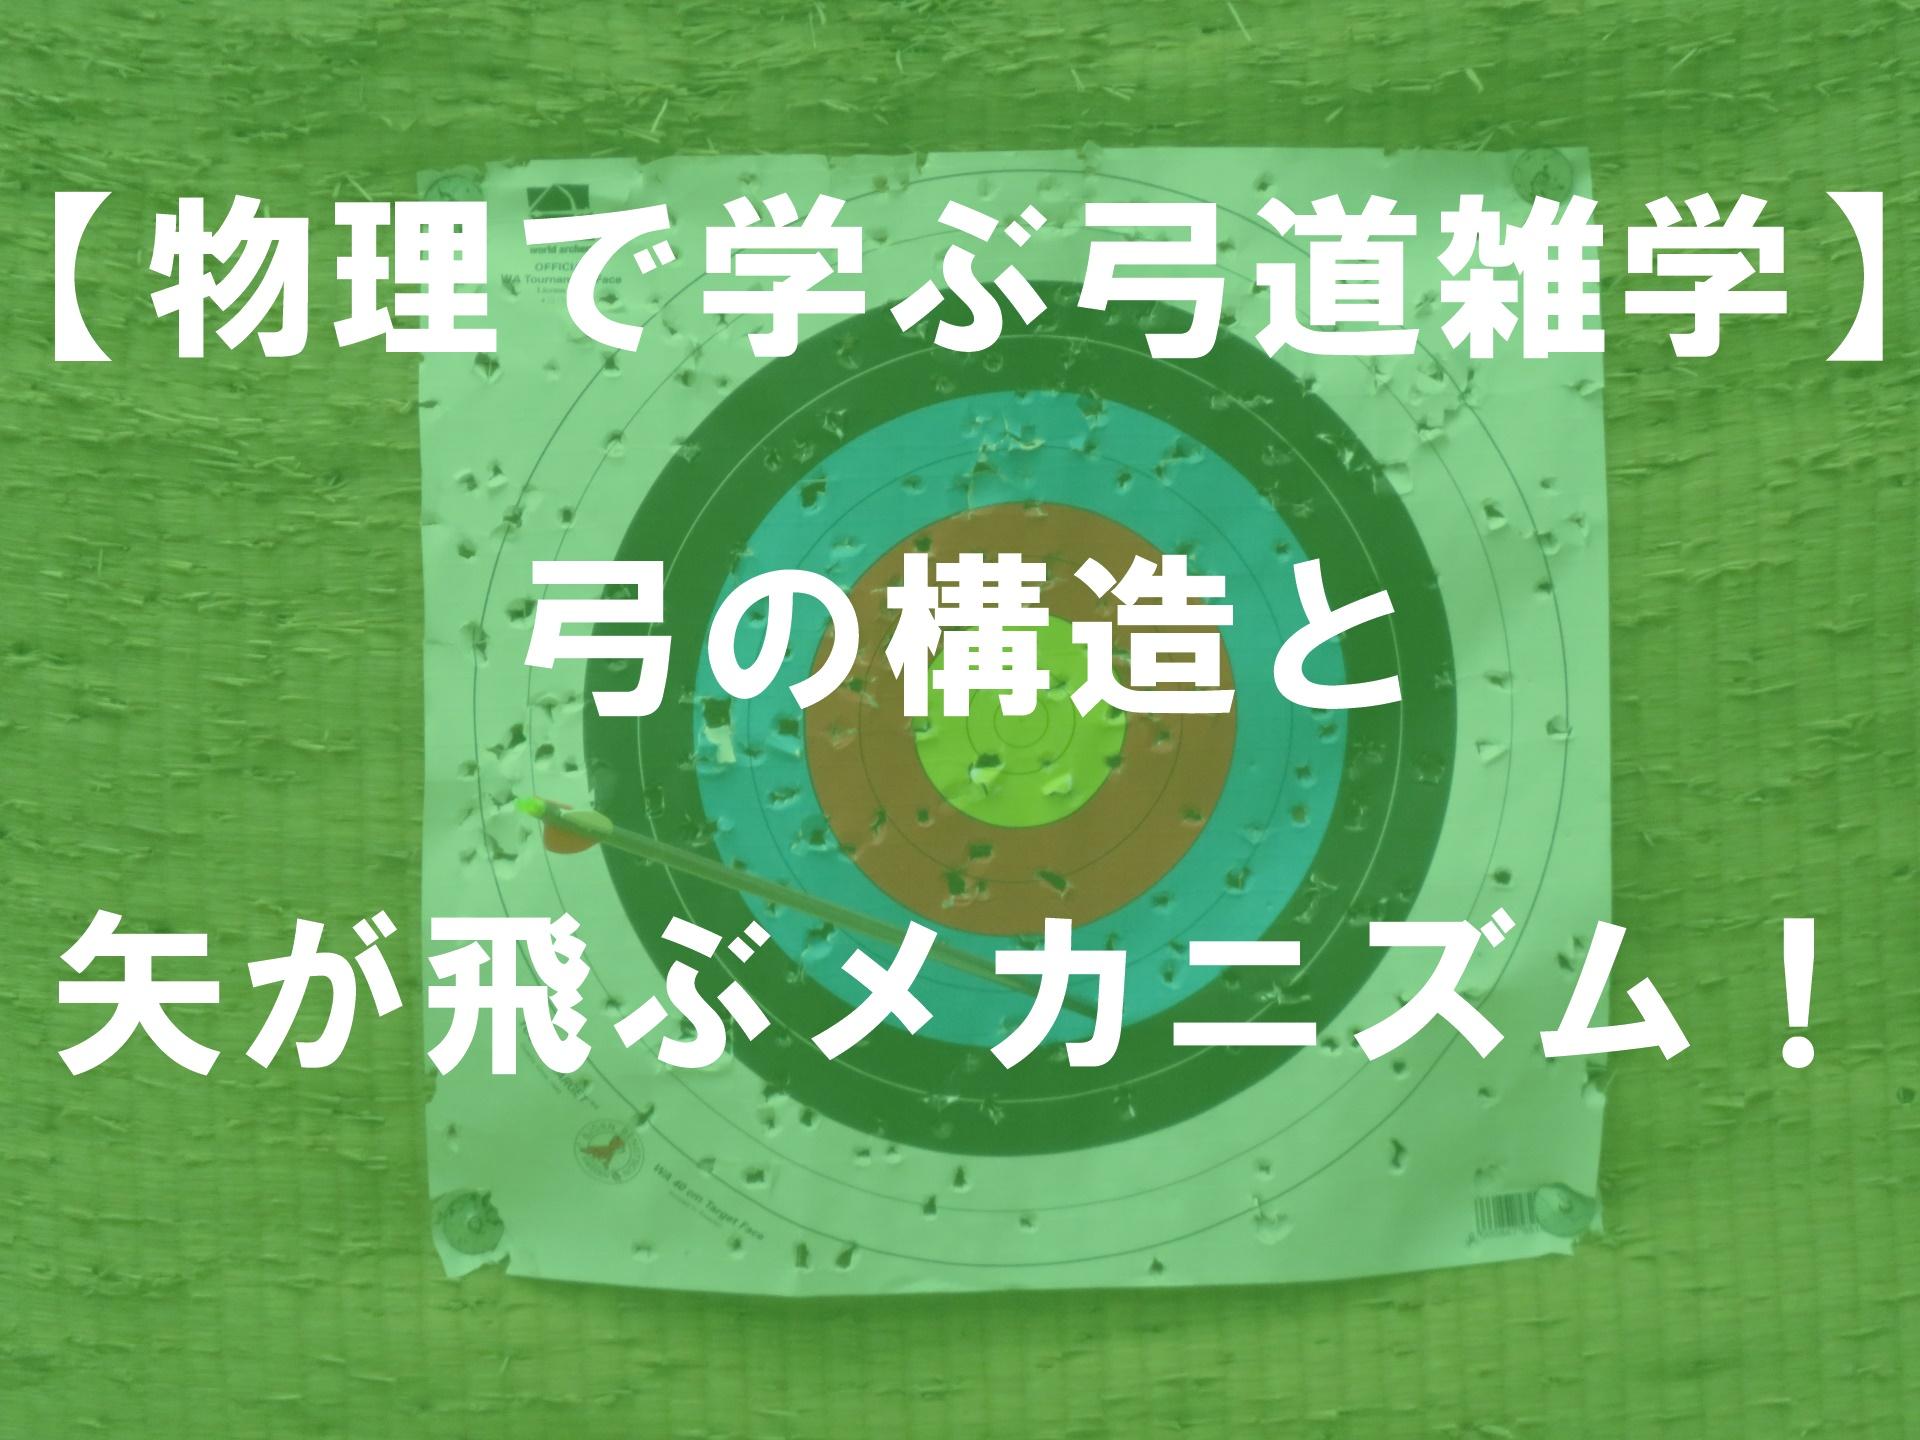 物理で学ぶ弓道雑学「弓の構造と矢が飛ぶメカニズム!」